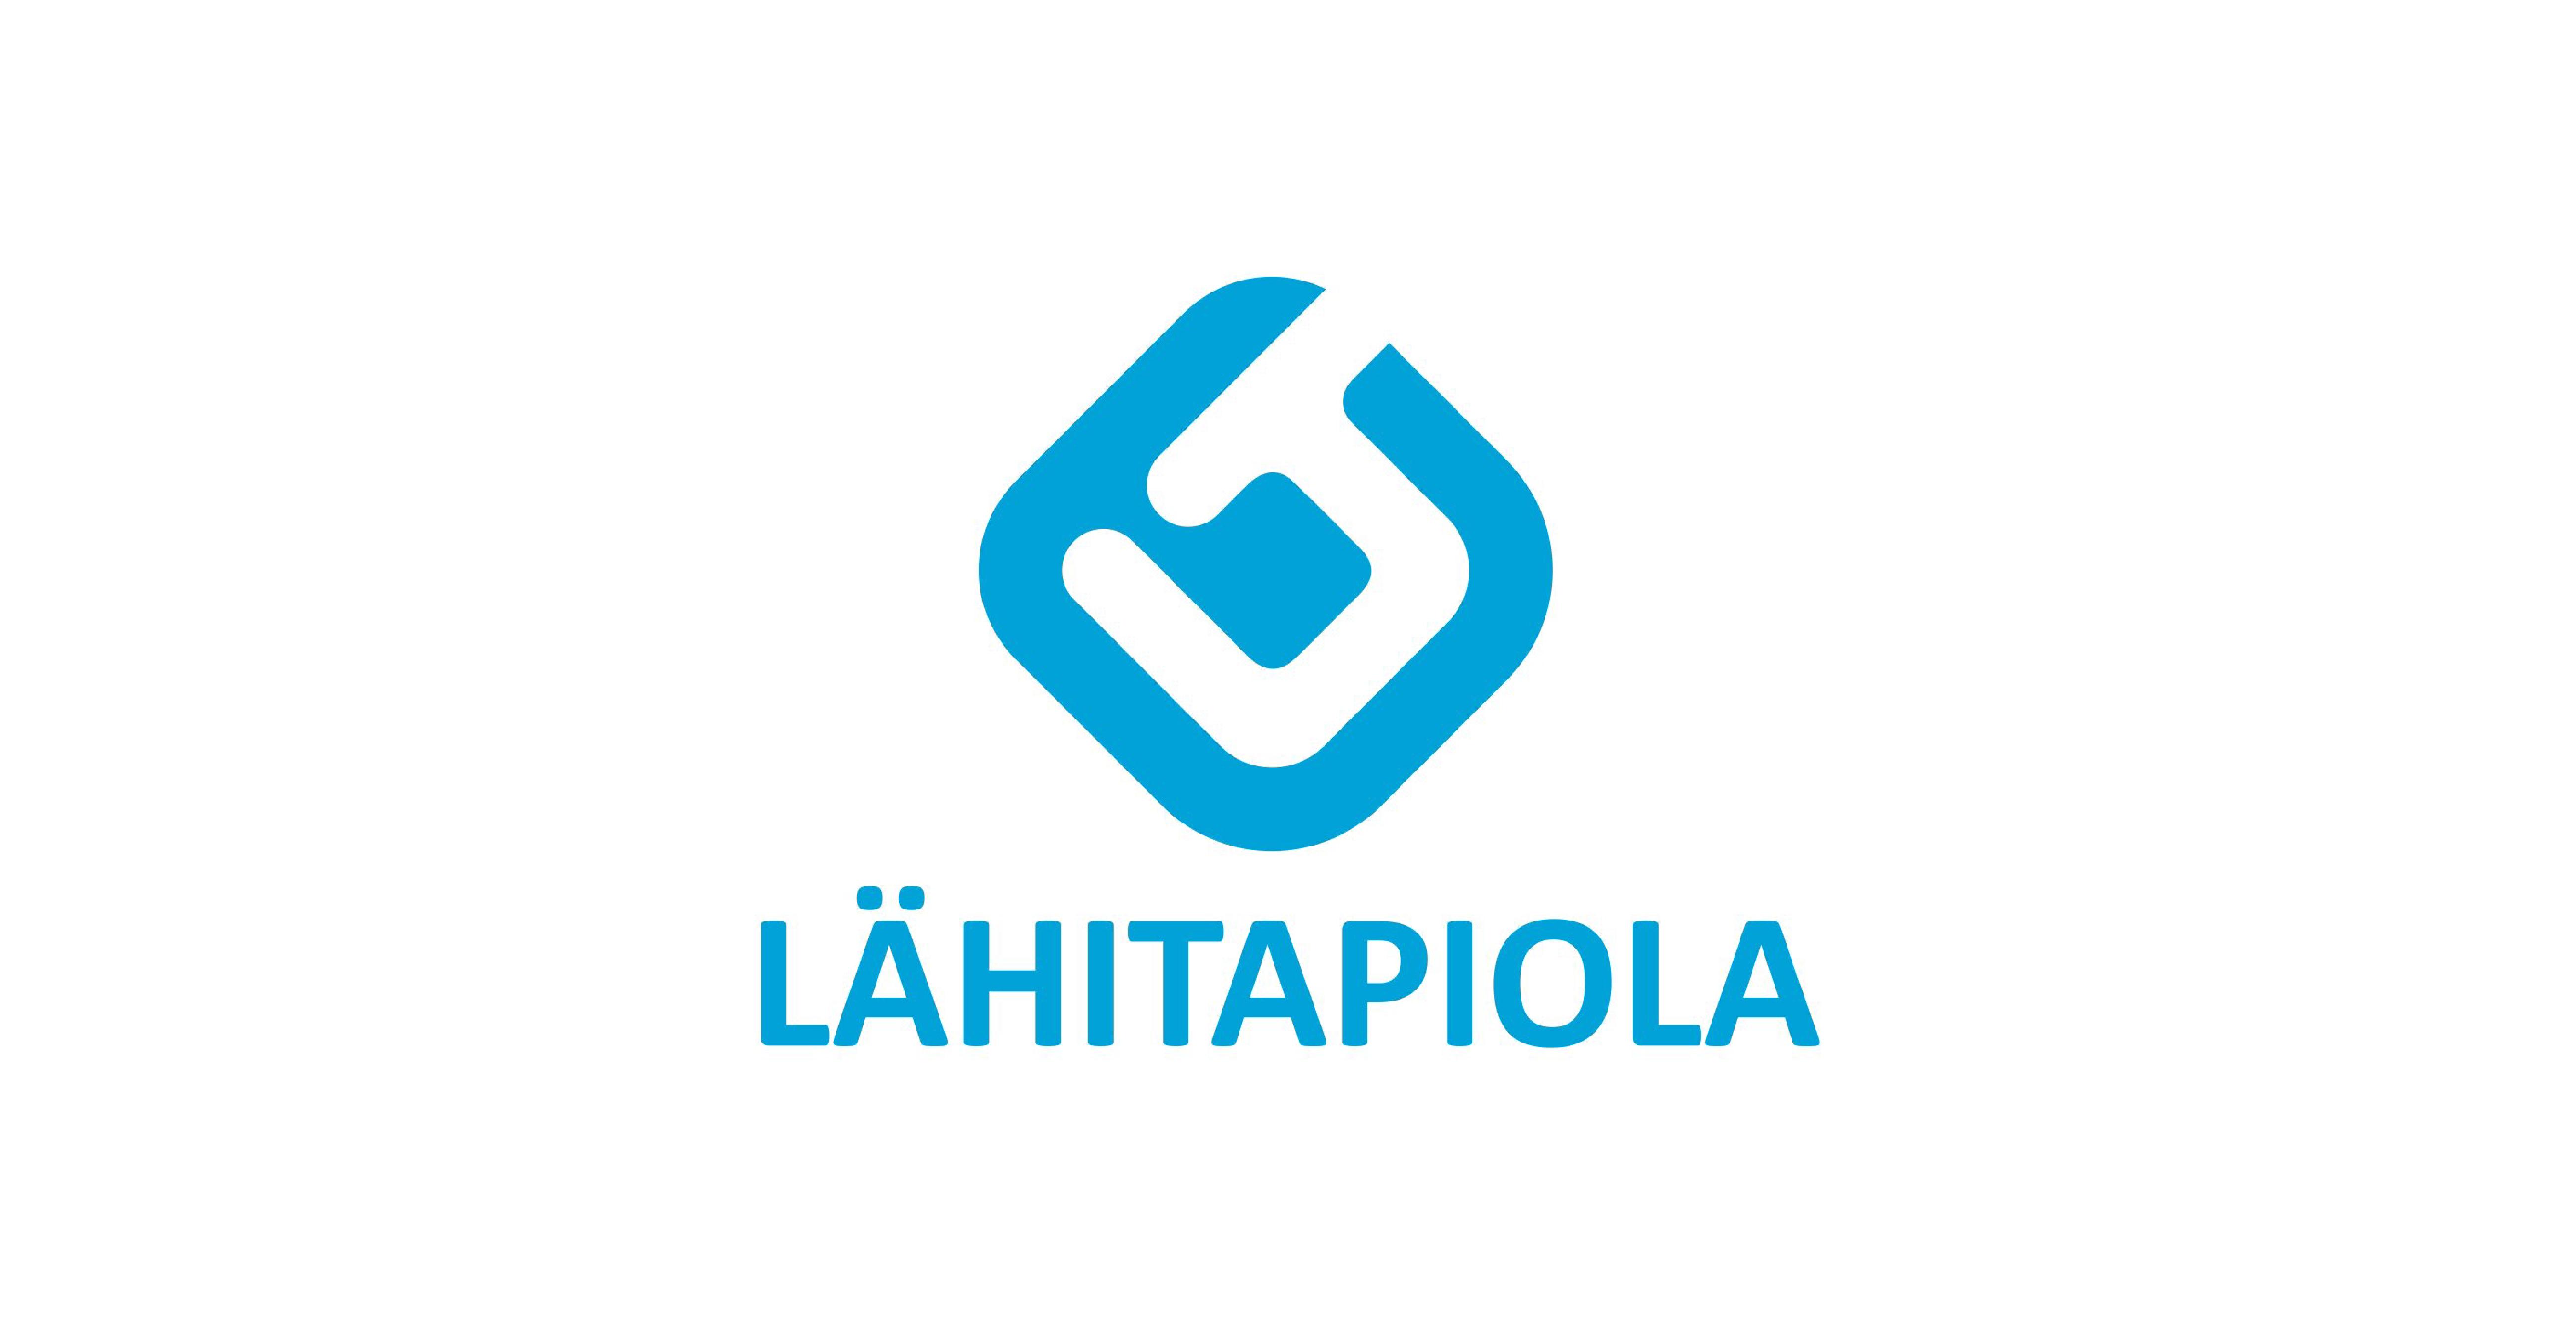 lahitapiola_pystylogo_440x225-01